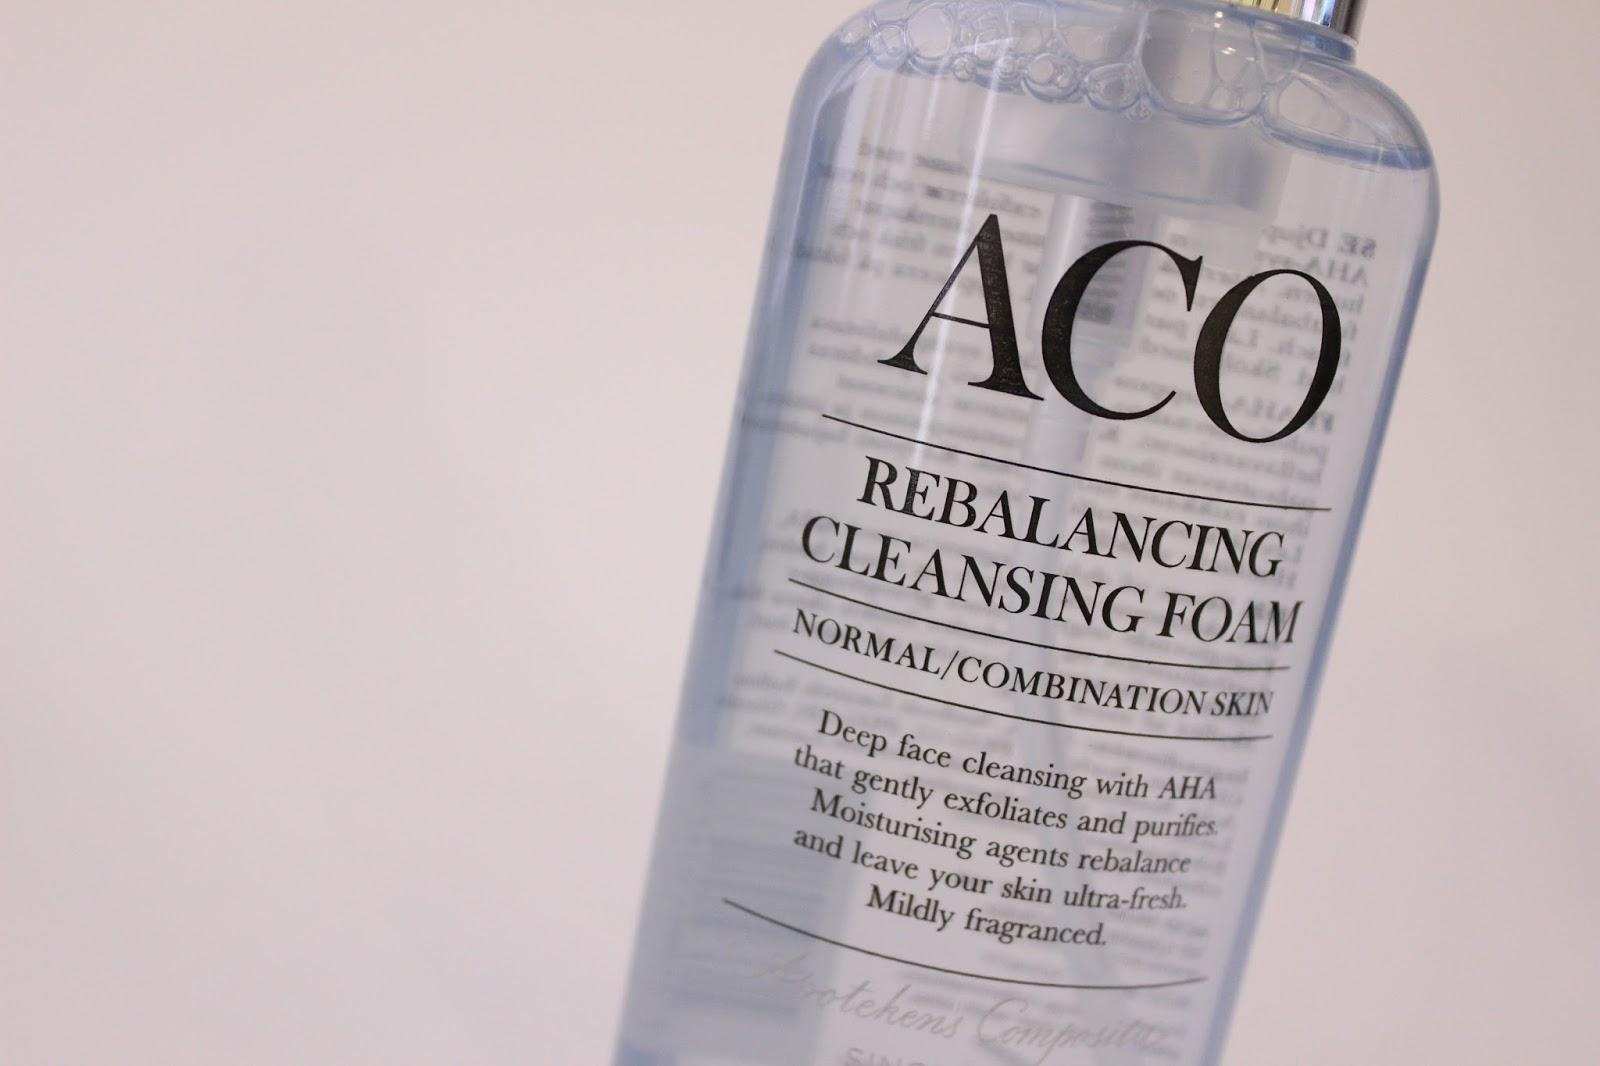 aco face rebalancing cleansing foam